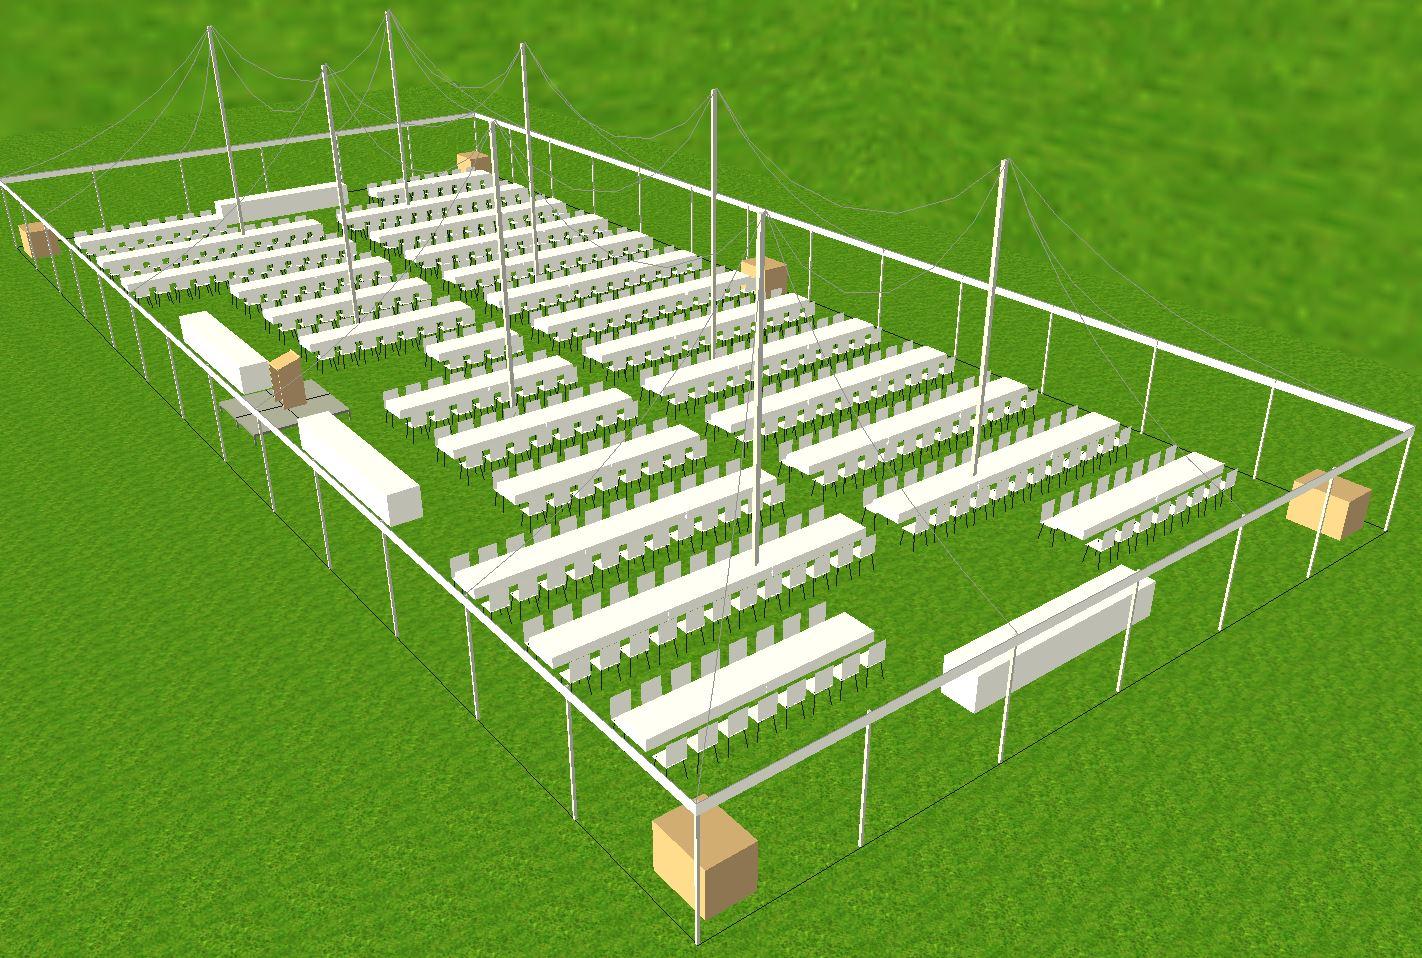 60x130 tent rental Lancaster PA